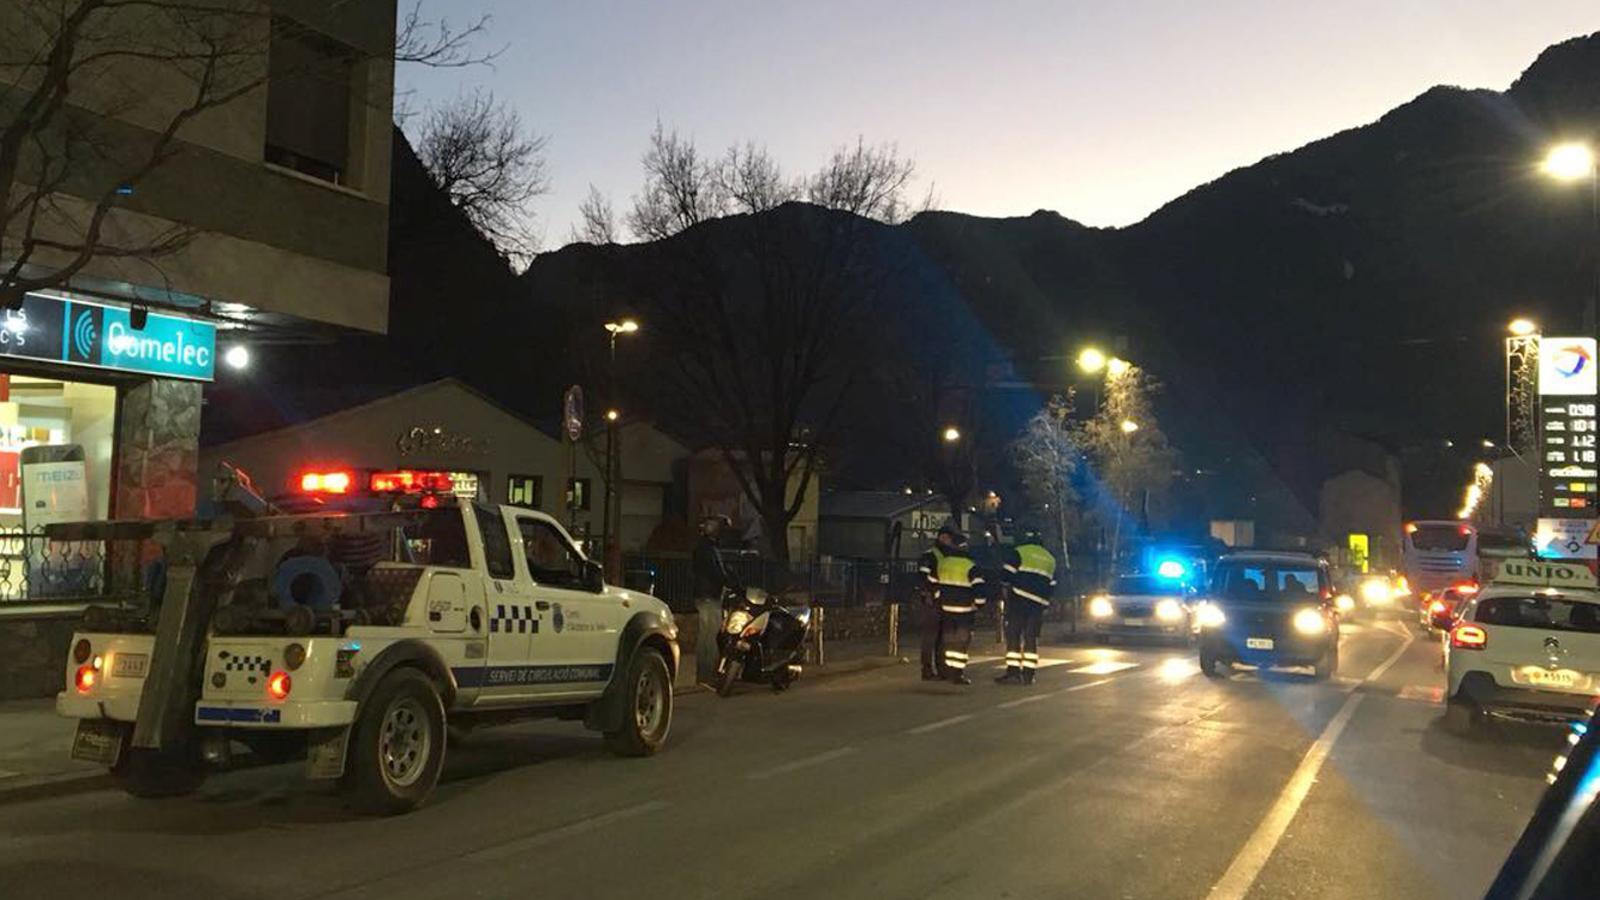 L'atropellament s'ha produït a l'avinguda Enclar de Santa Coloma / M. A.